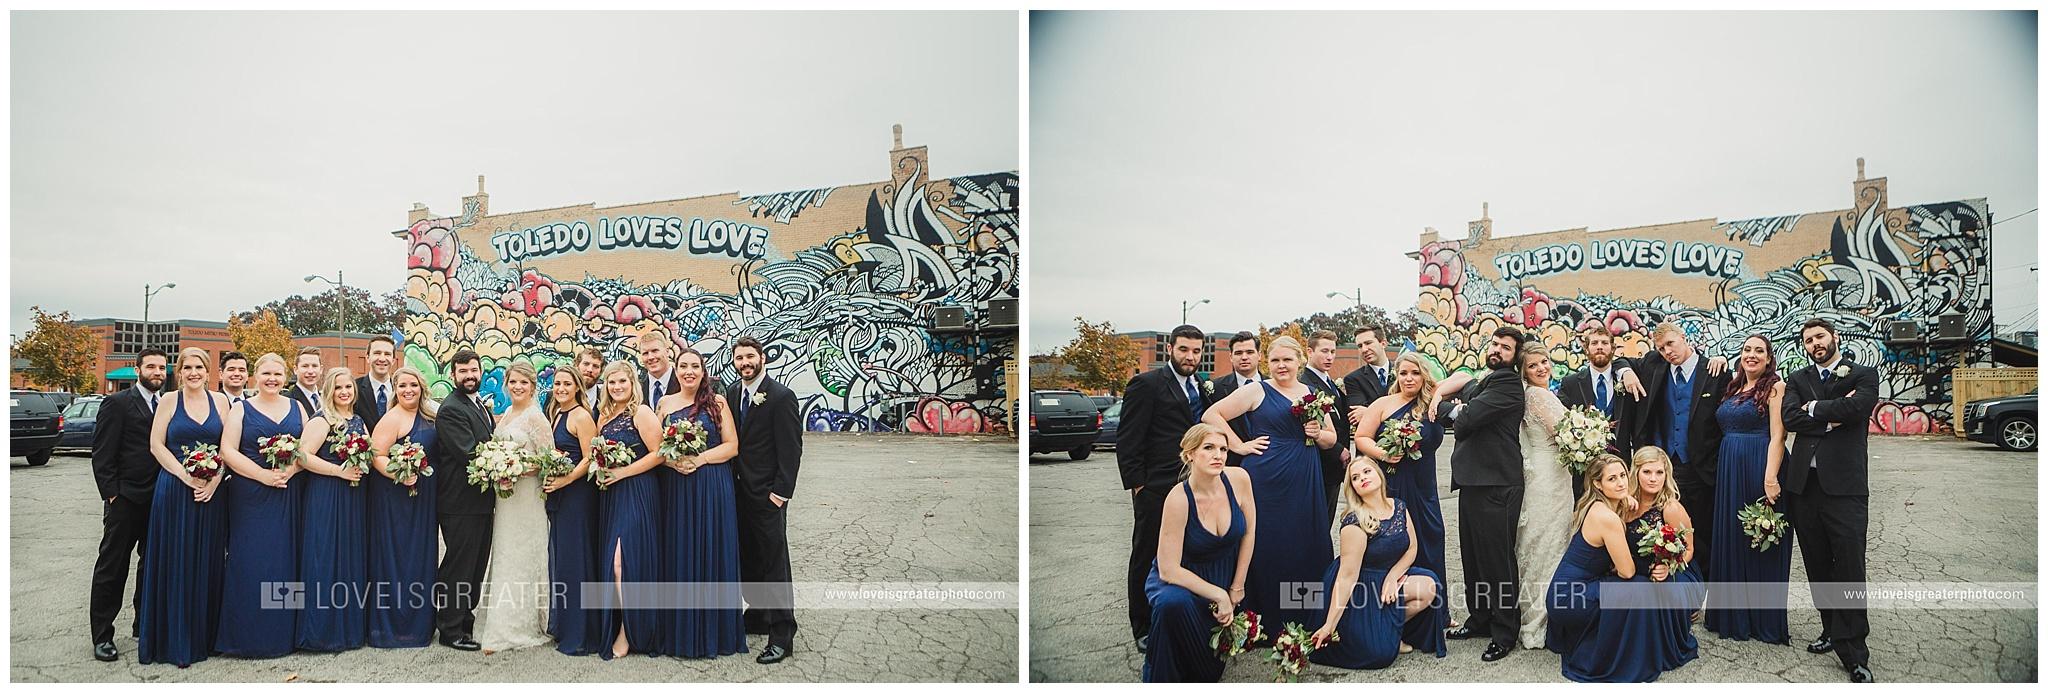 toledo-wedding-photographer_0025-1